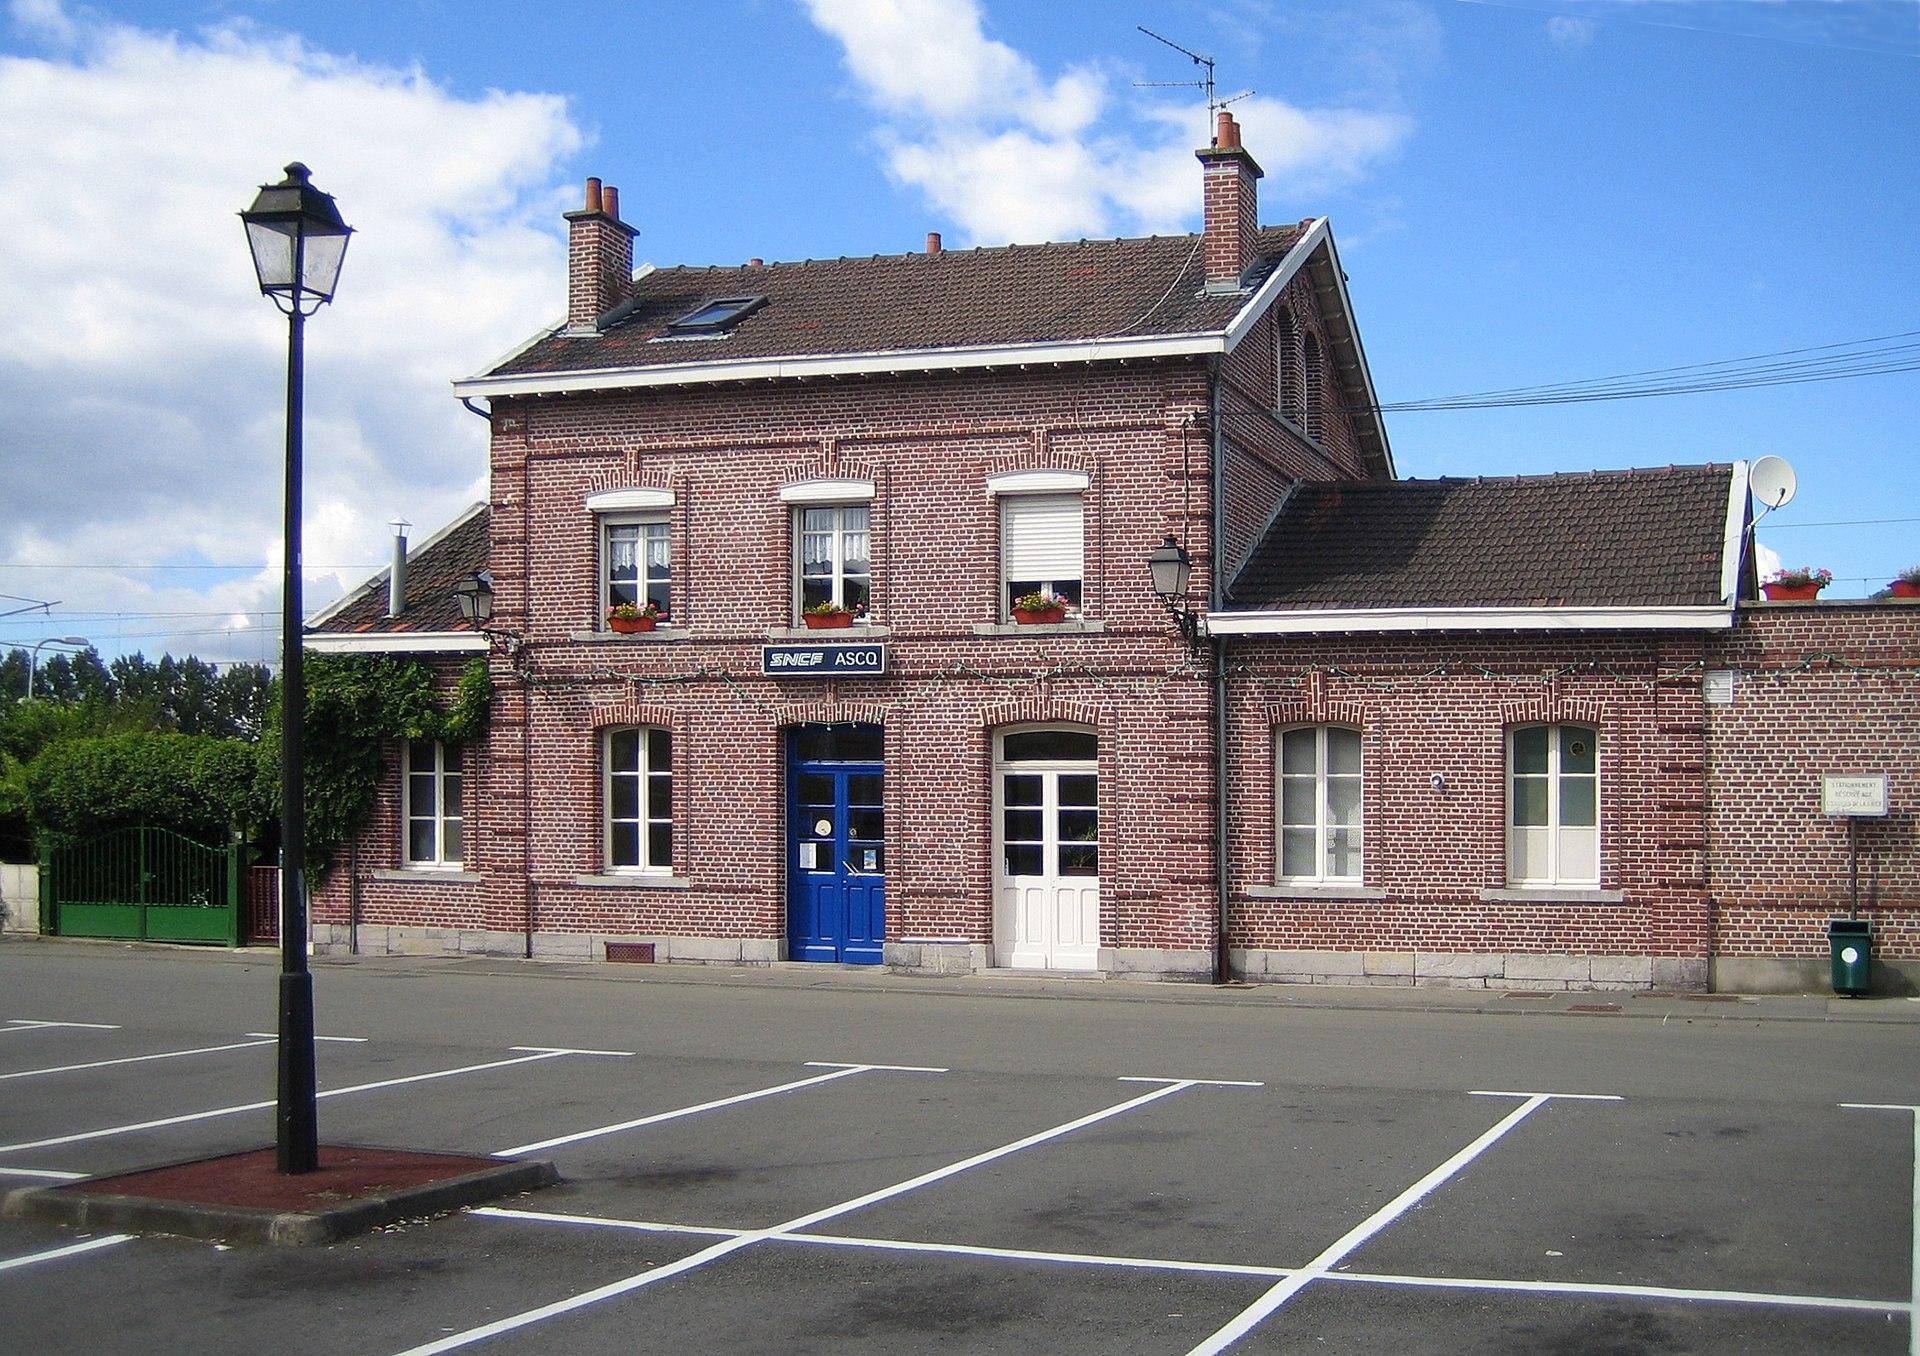 Gare d 39 ascq wikipedia for Garage auto villeneuve d ascq